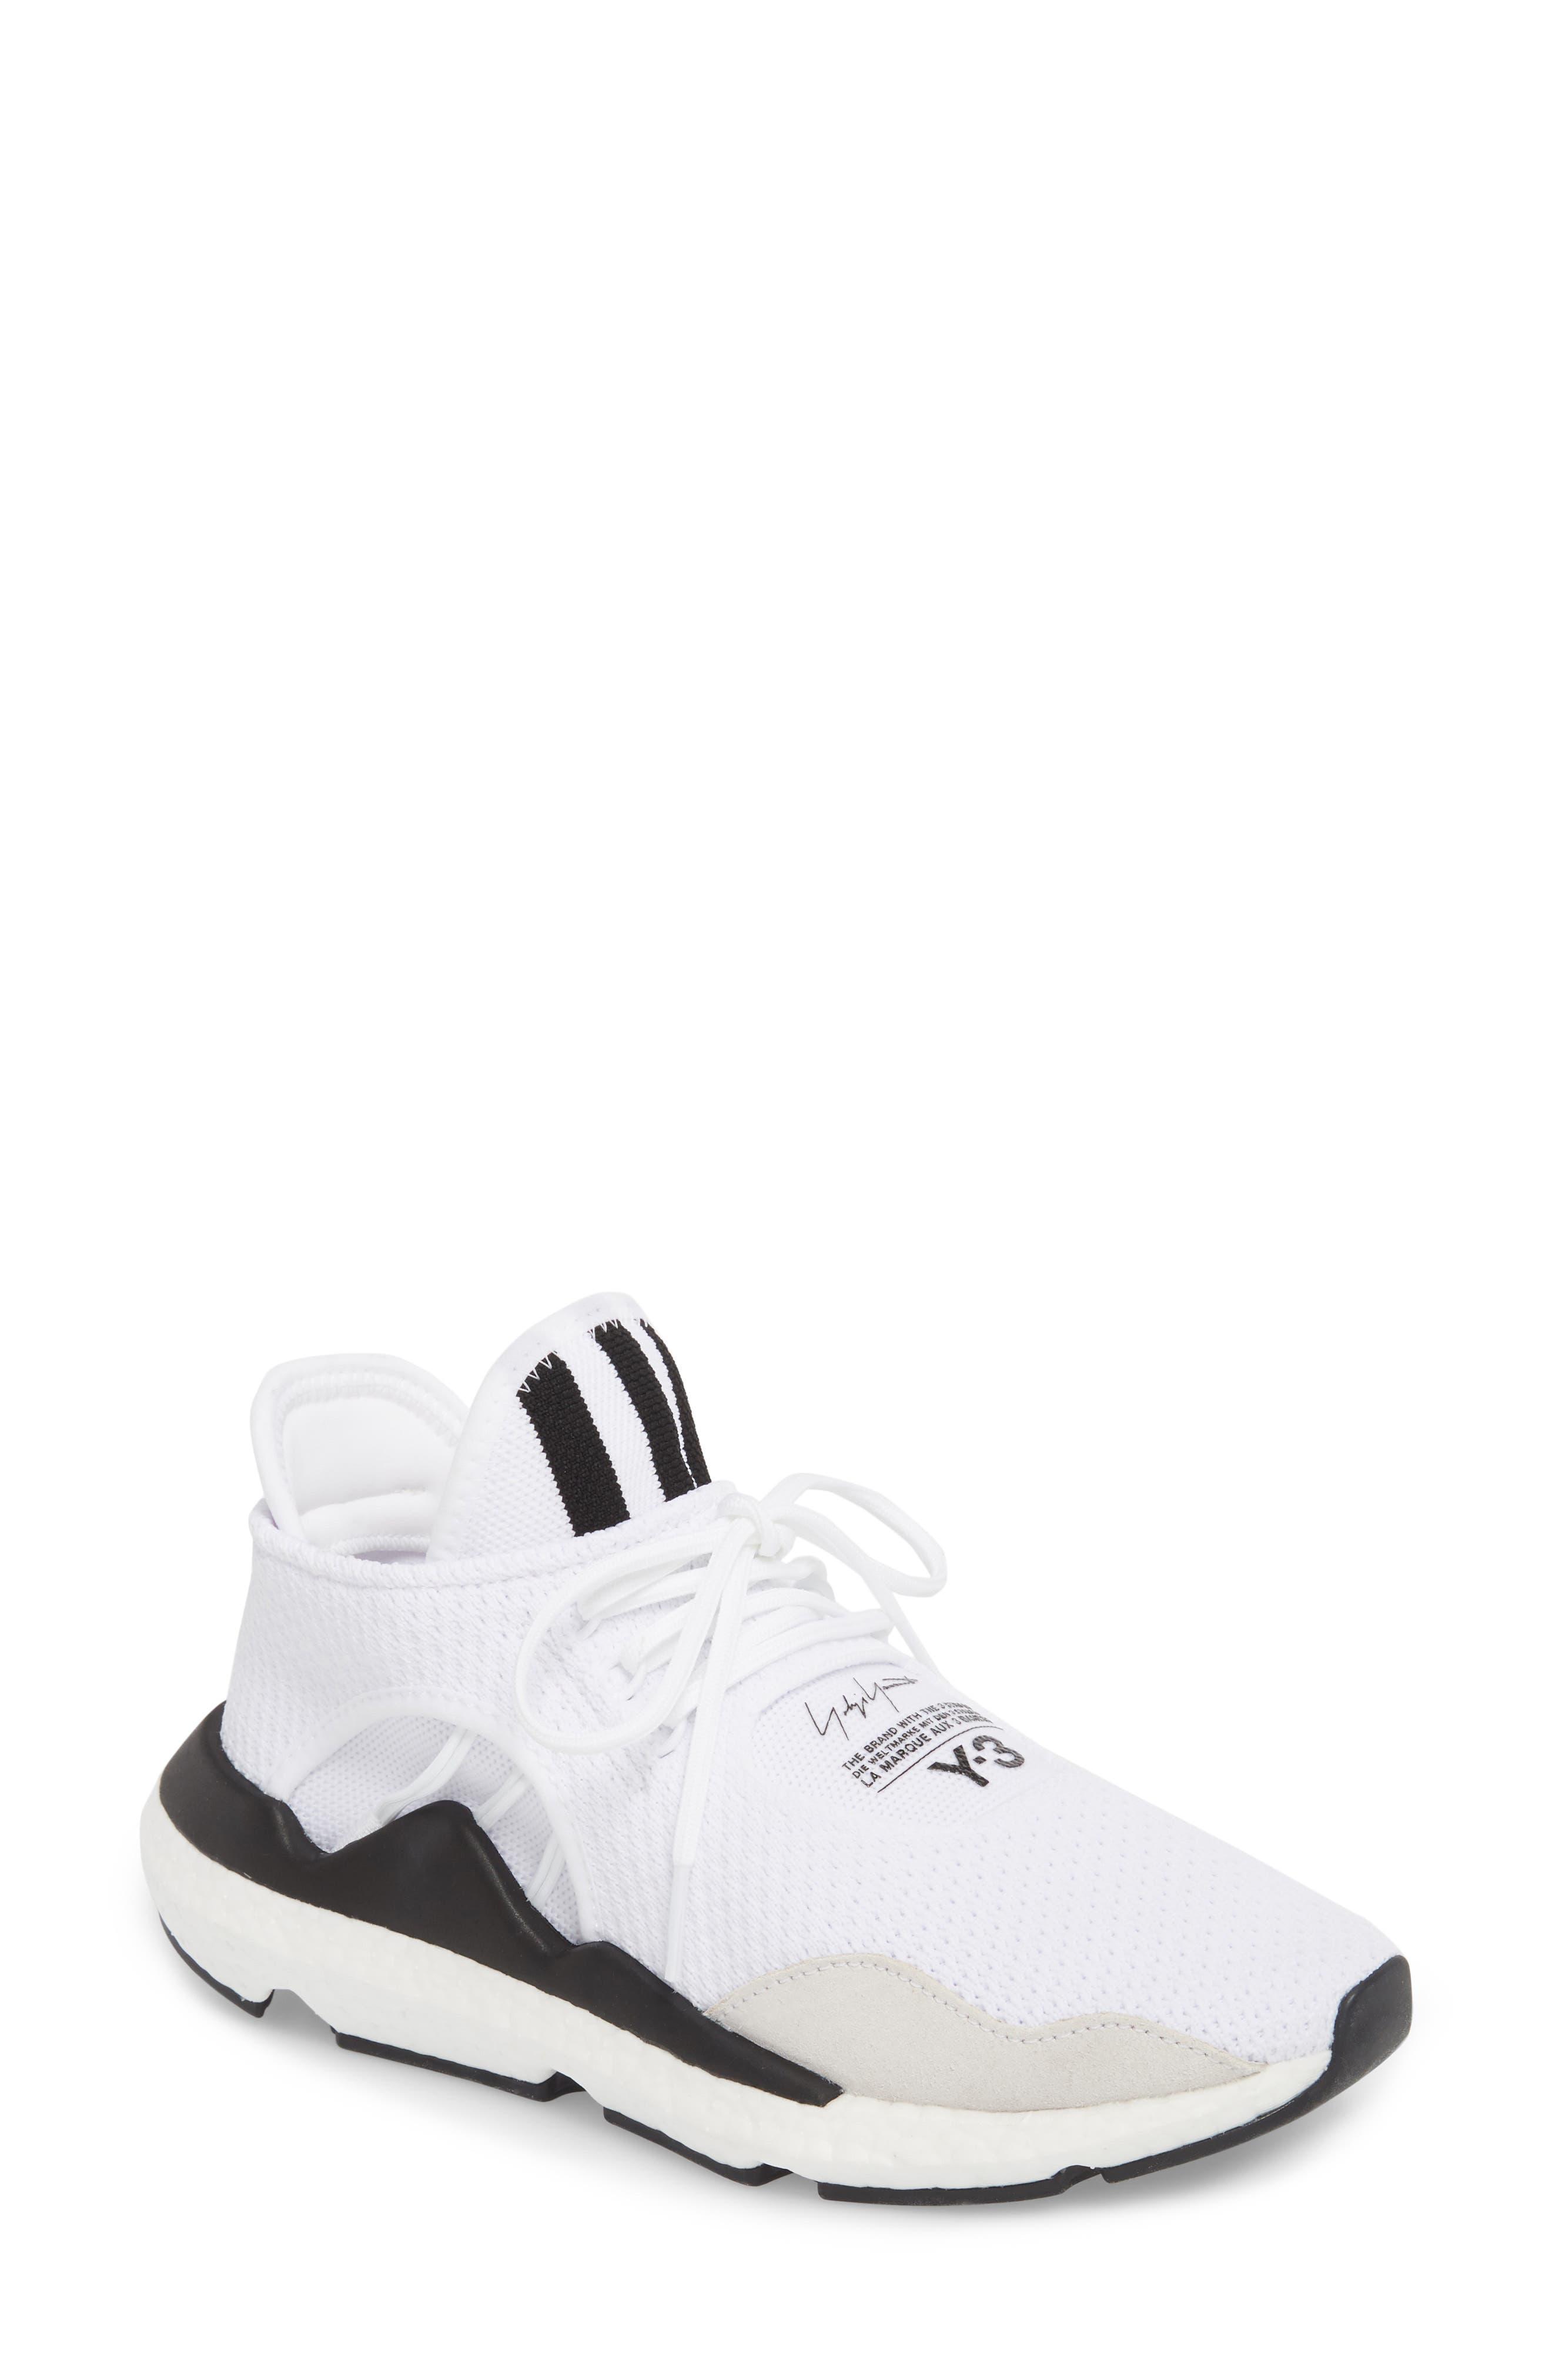 Y-3 Saikou Sneaker (Women)